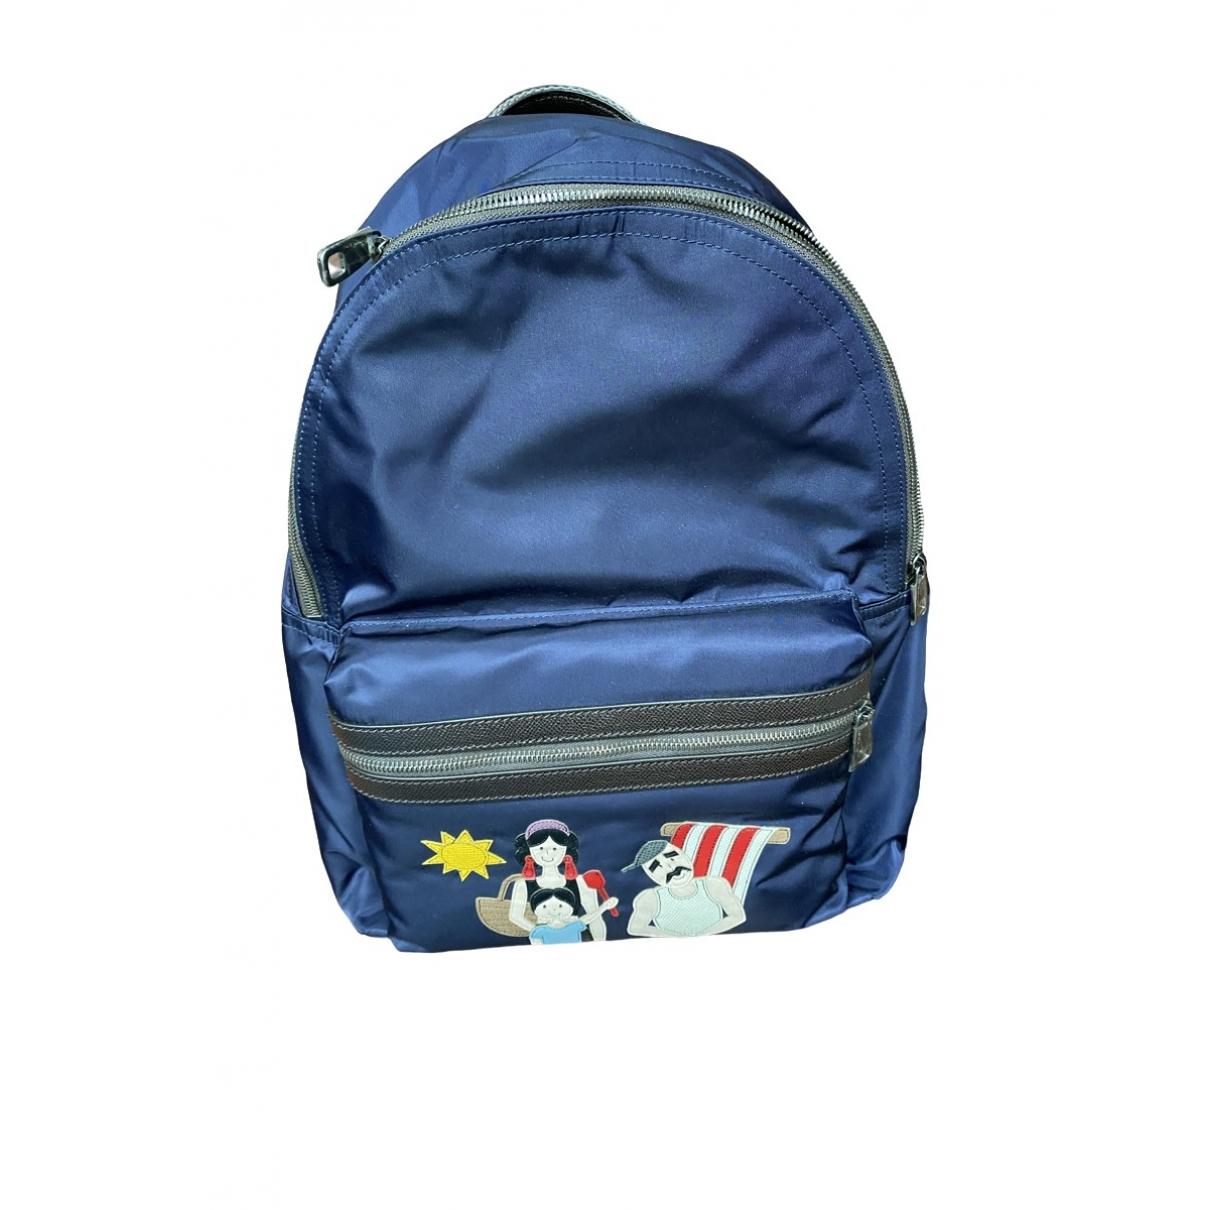 Dolce & Gabbana \N Blue Cloth backpack for Women \N